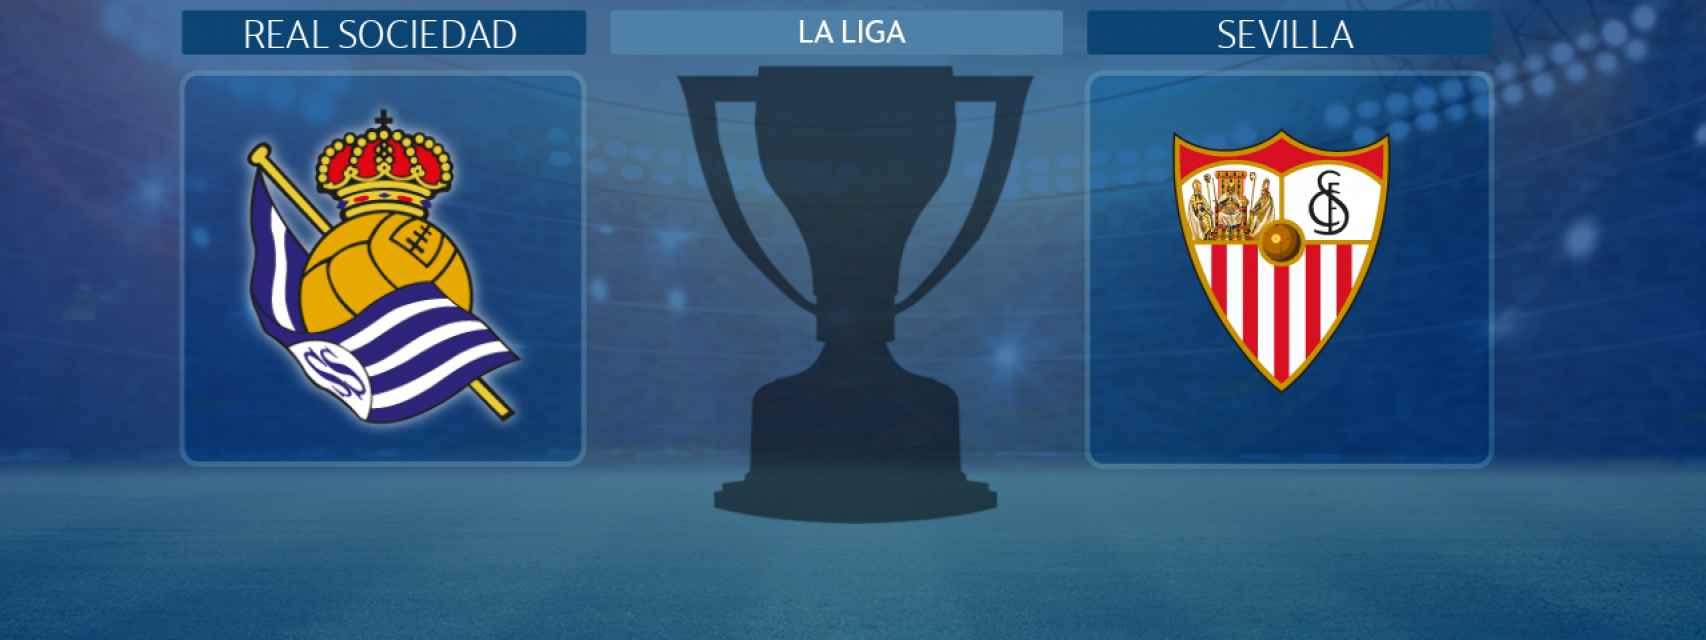 Real Sociedad - Sevilla, partido de La Liga